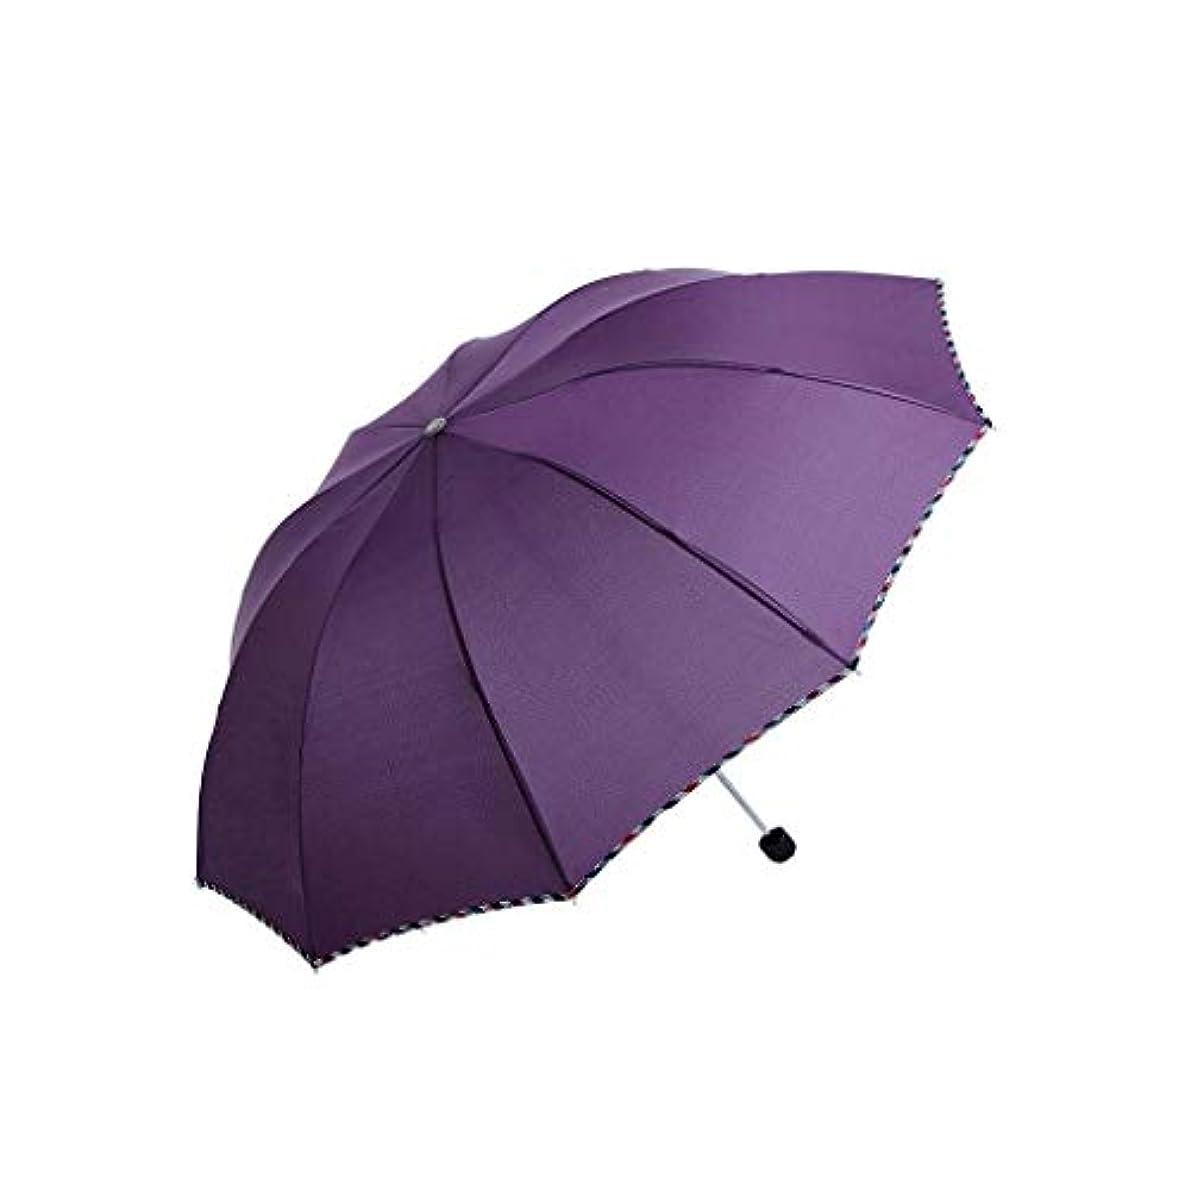 十分に怠なゴミ日傘男性と女性傘傘UV傘家庭用傘折りたたみ屋外特別小便利な日よけ日よけ日よけ雨傘(茶色) (色 : 紫の)